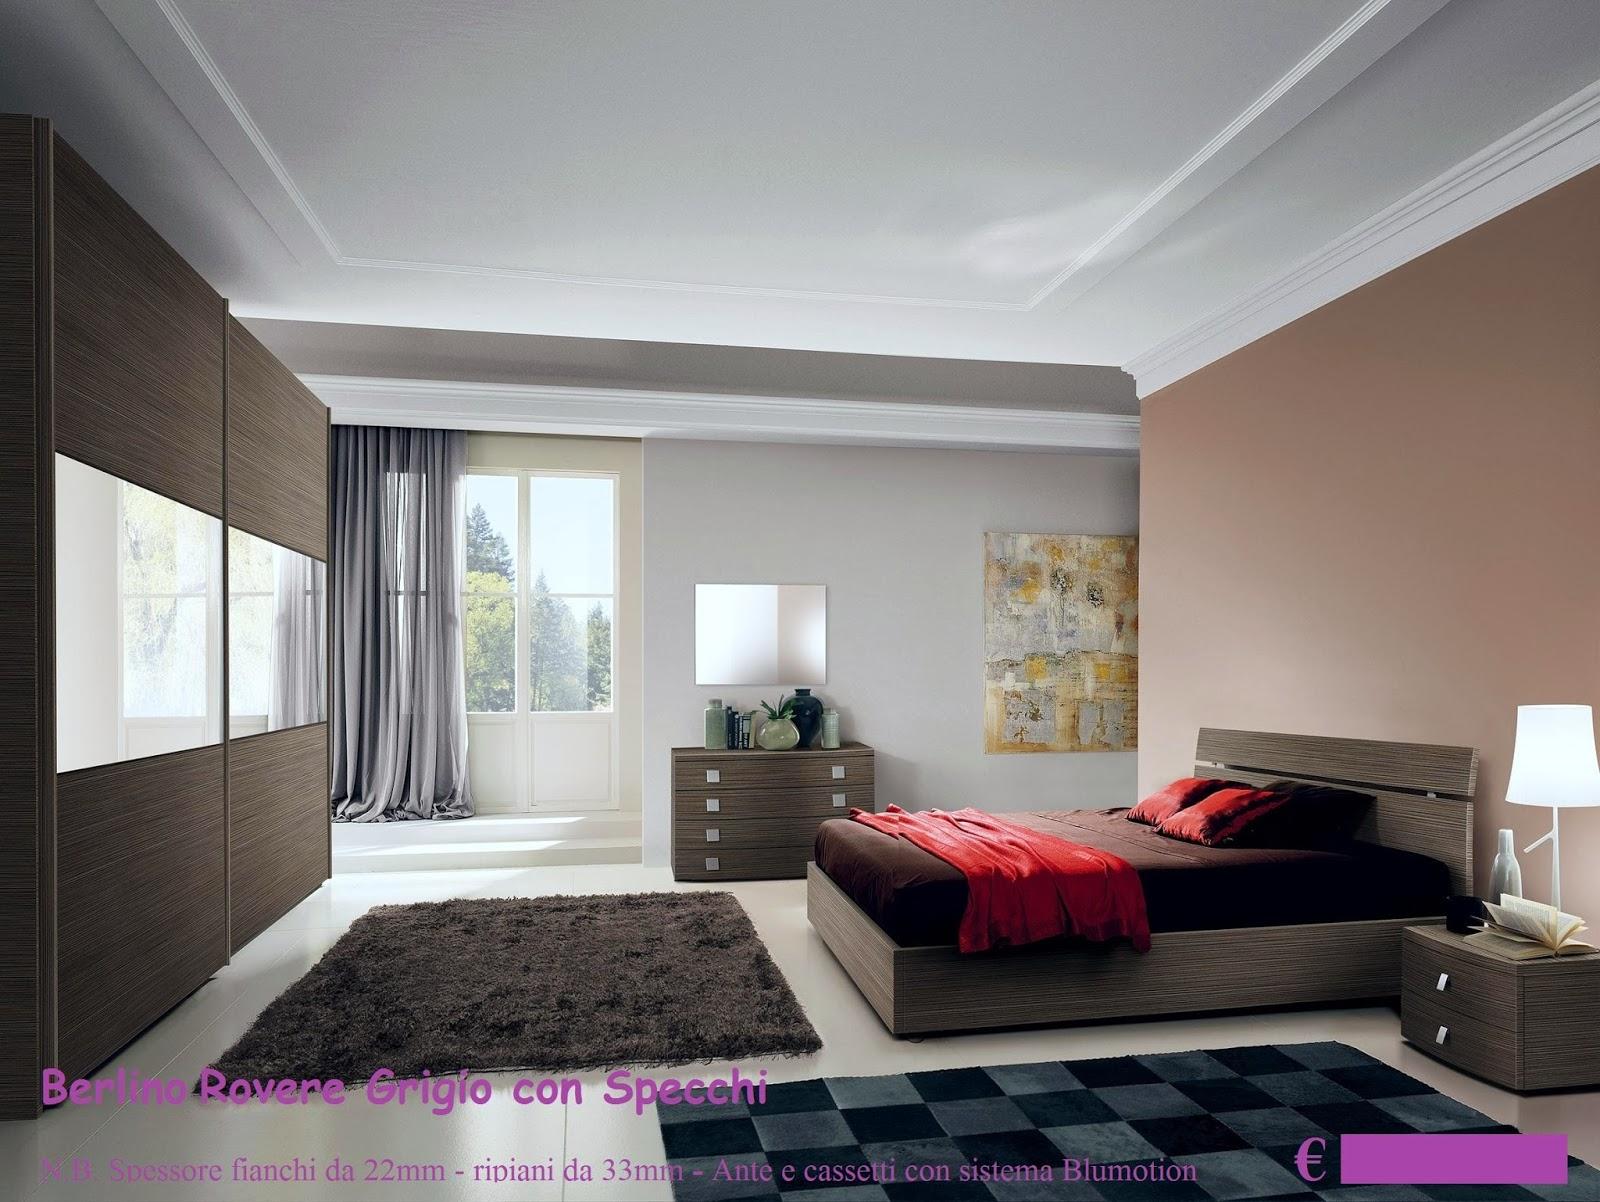 Camera Da Letto In Rovere Grigio : Camera da letto matrimoniale euro con trasporto e montaggio